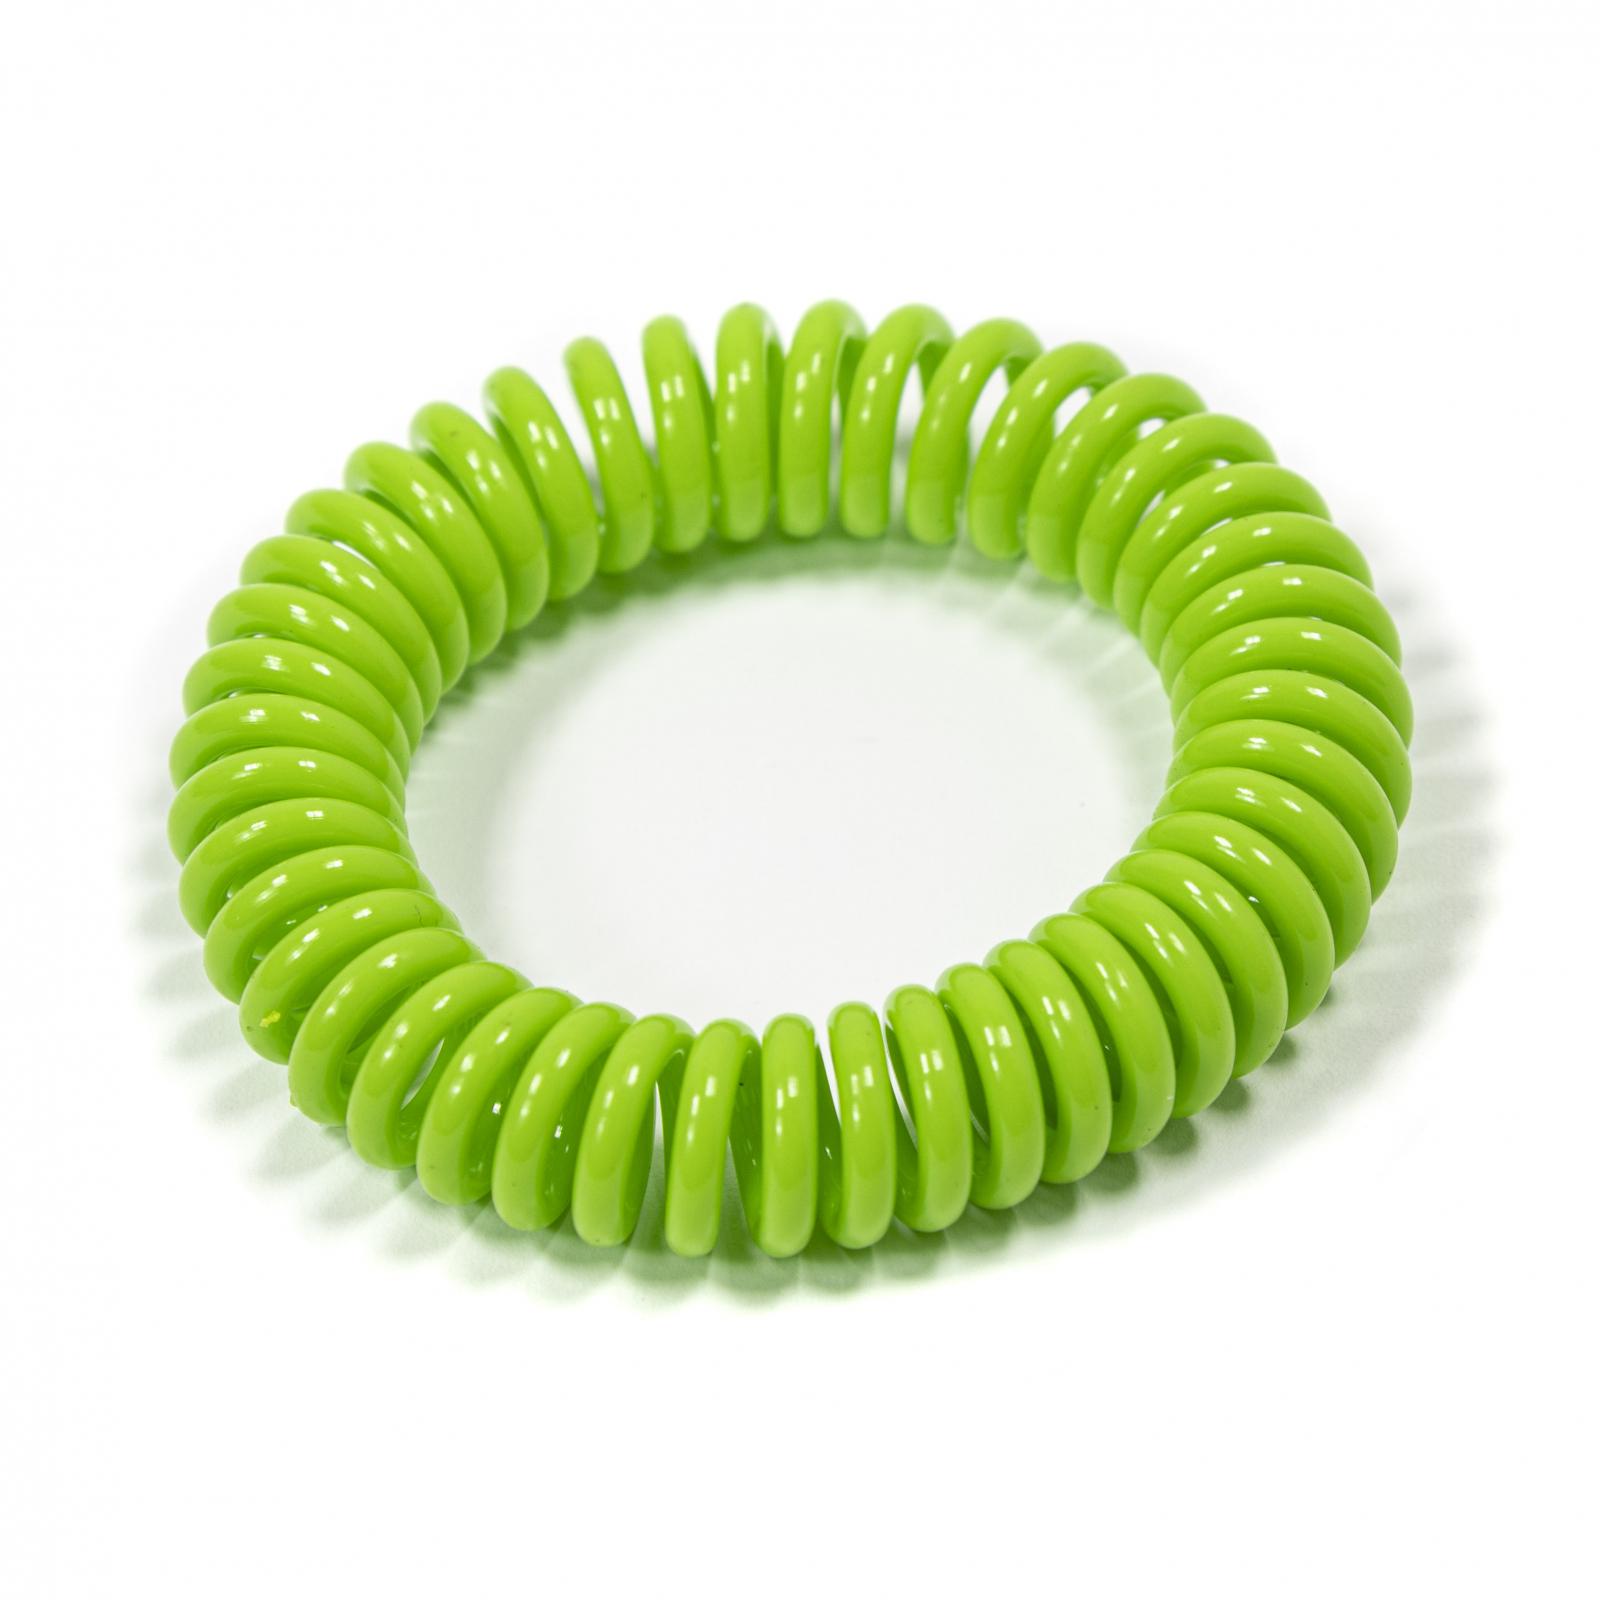 ASR Outdoor Natural Mosquito Repellent Bracelet - Green